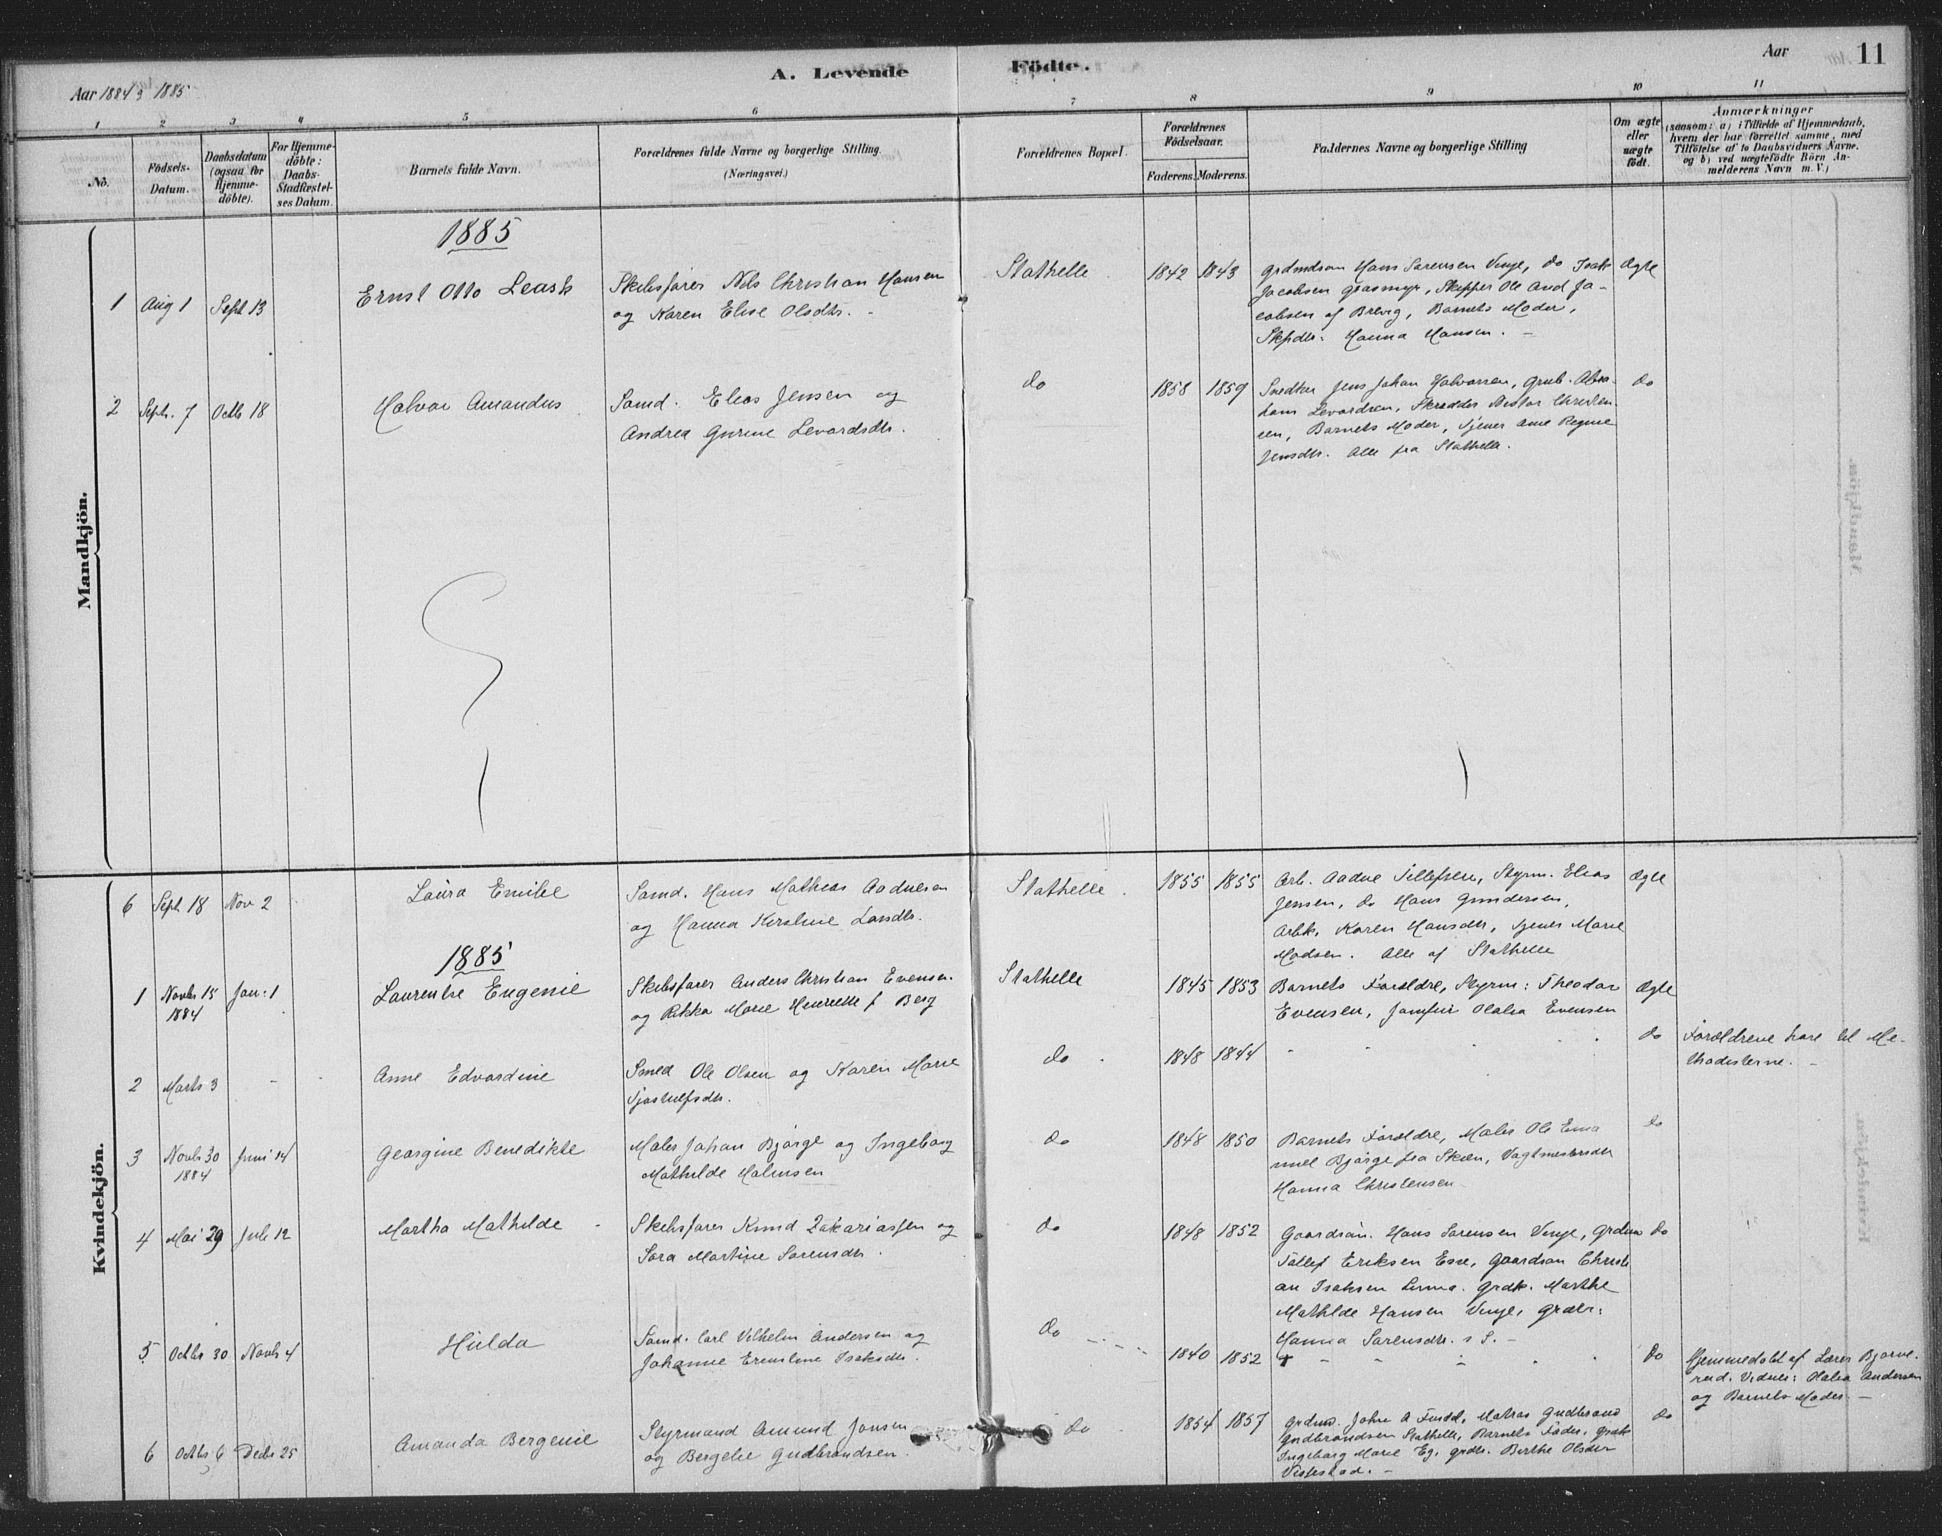 SAKO, Bamble kirkebøker, F/Fb/L0001: Ministerialbok nr. II 1, 1878-1899, s. 11